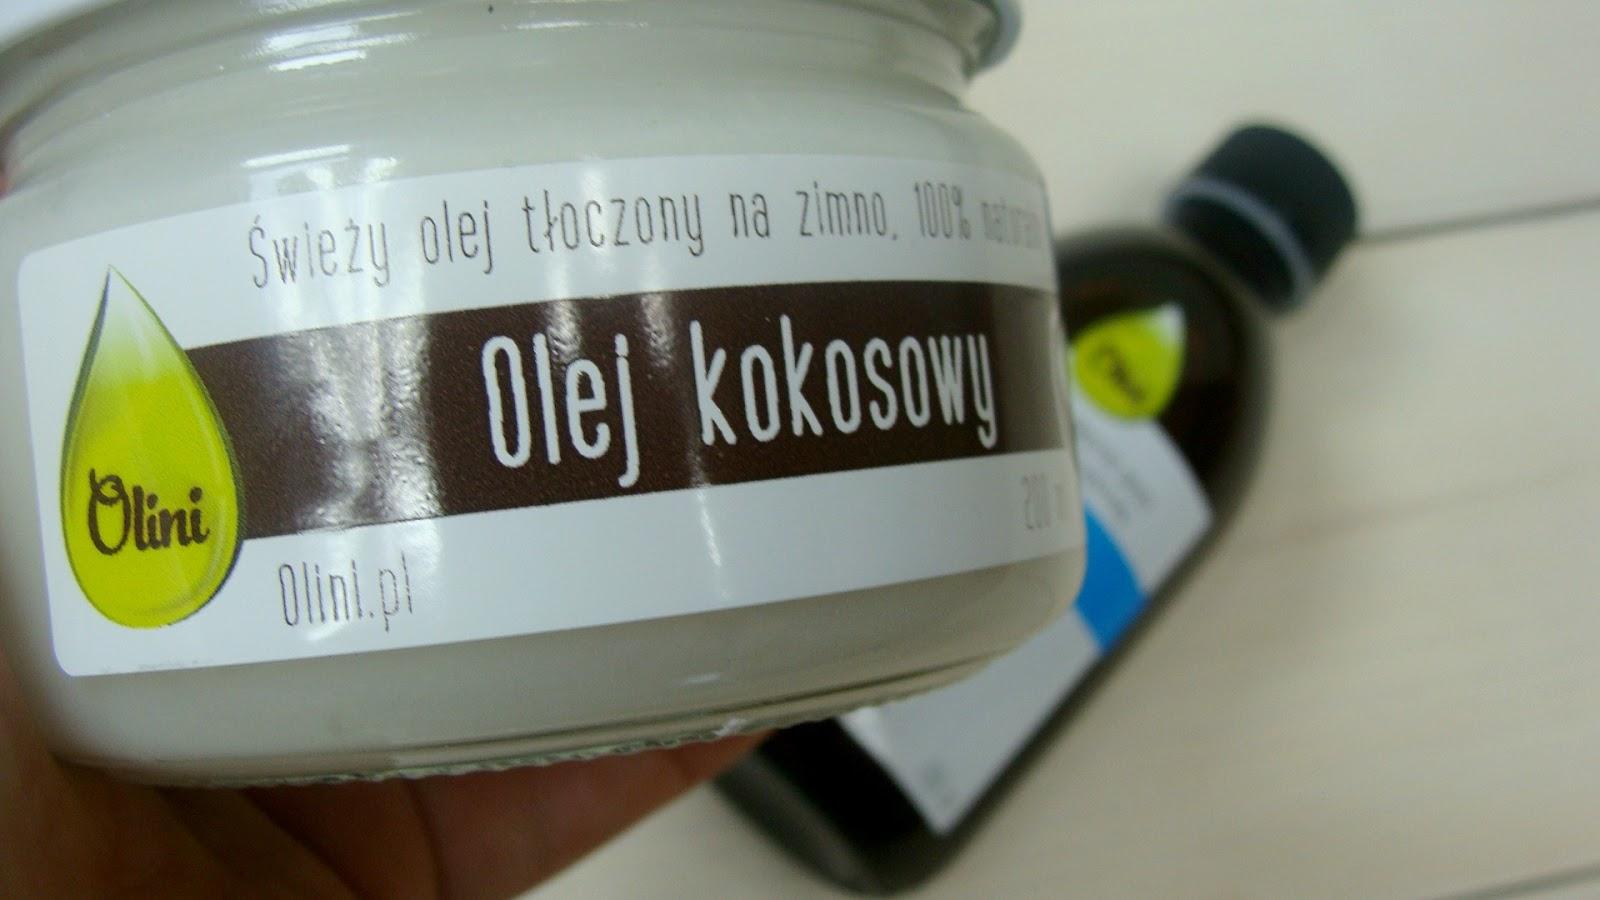 Olej lniany, olej kokosowy, olini, oleje naturalne, Dwa oleje, które królują ostatnio w mojej kuchni